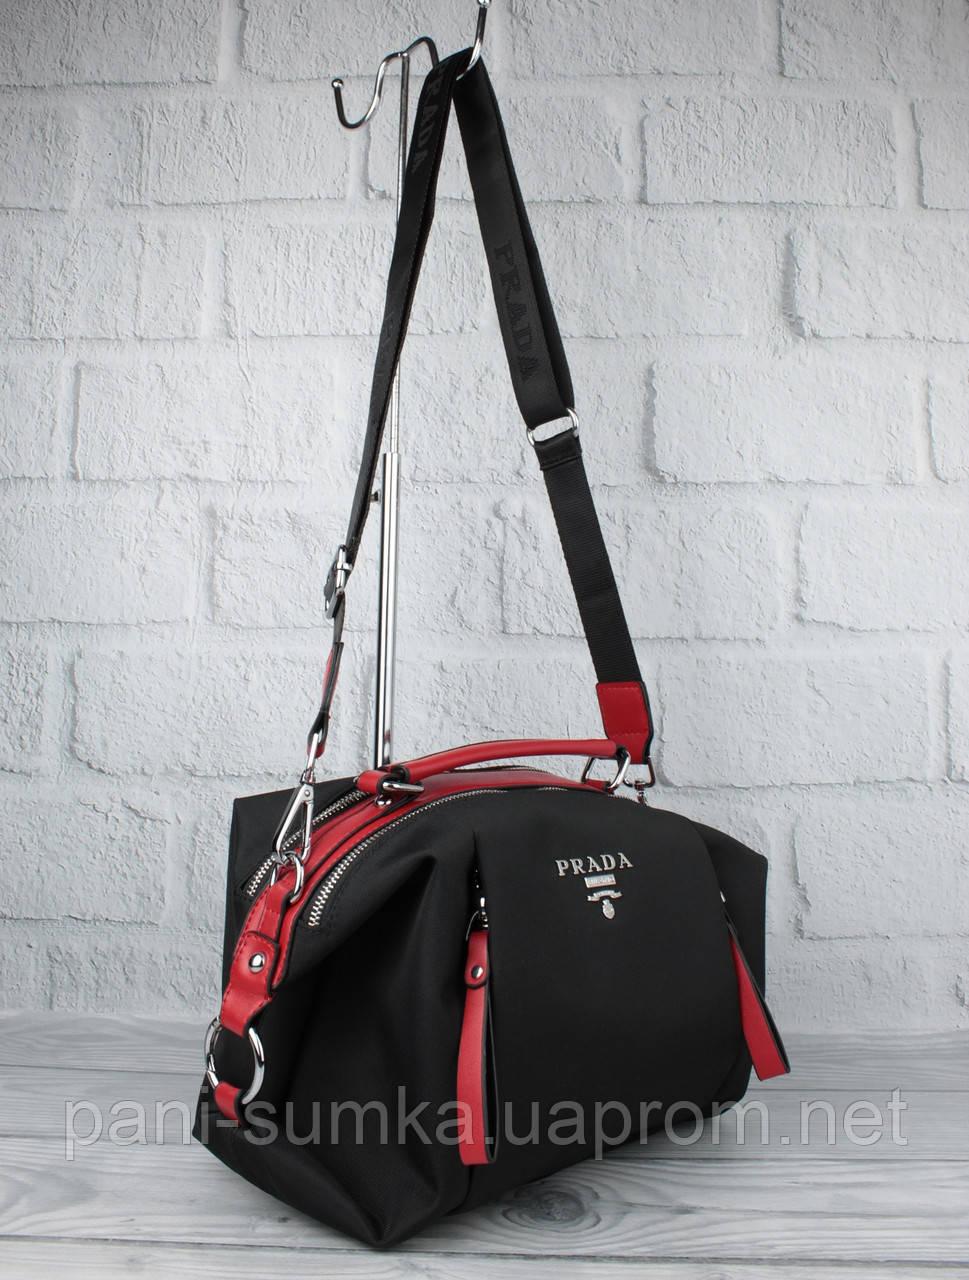 Стильная сумочка Prada 903 черная с красным текстильная, расцветки, формат А-4